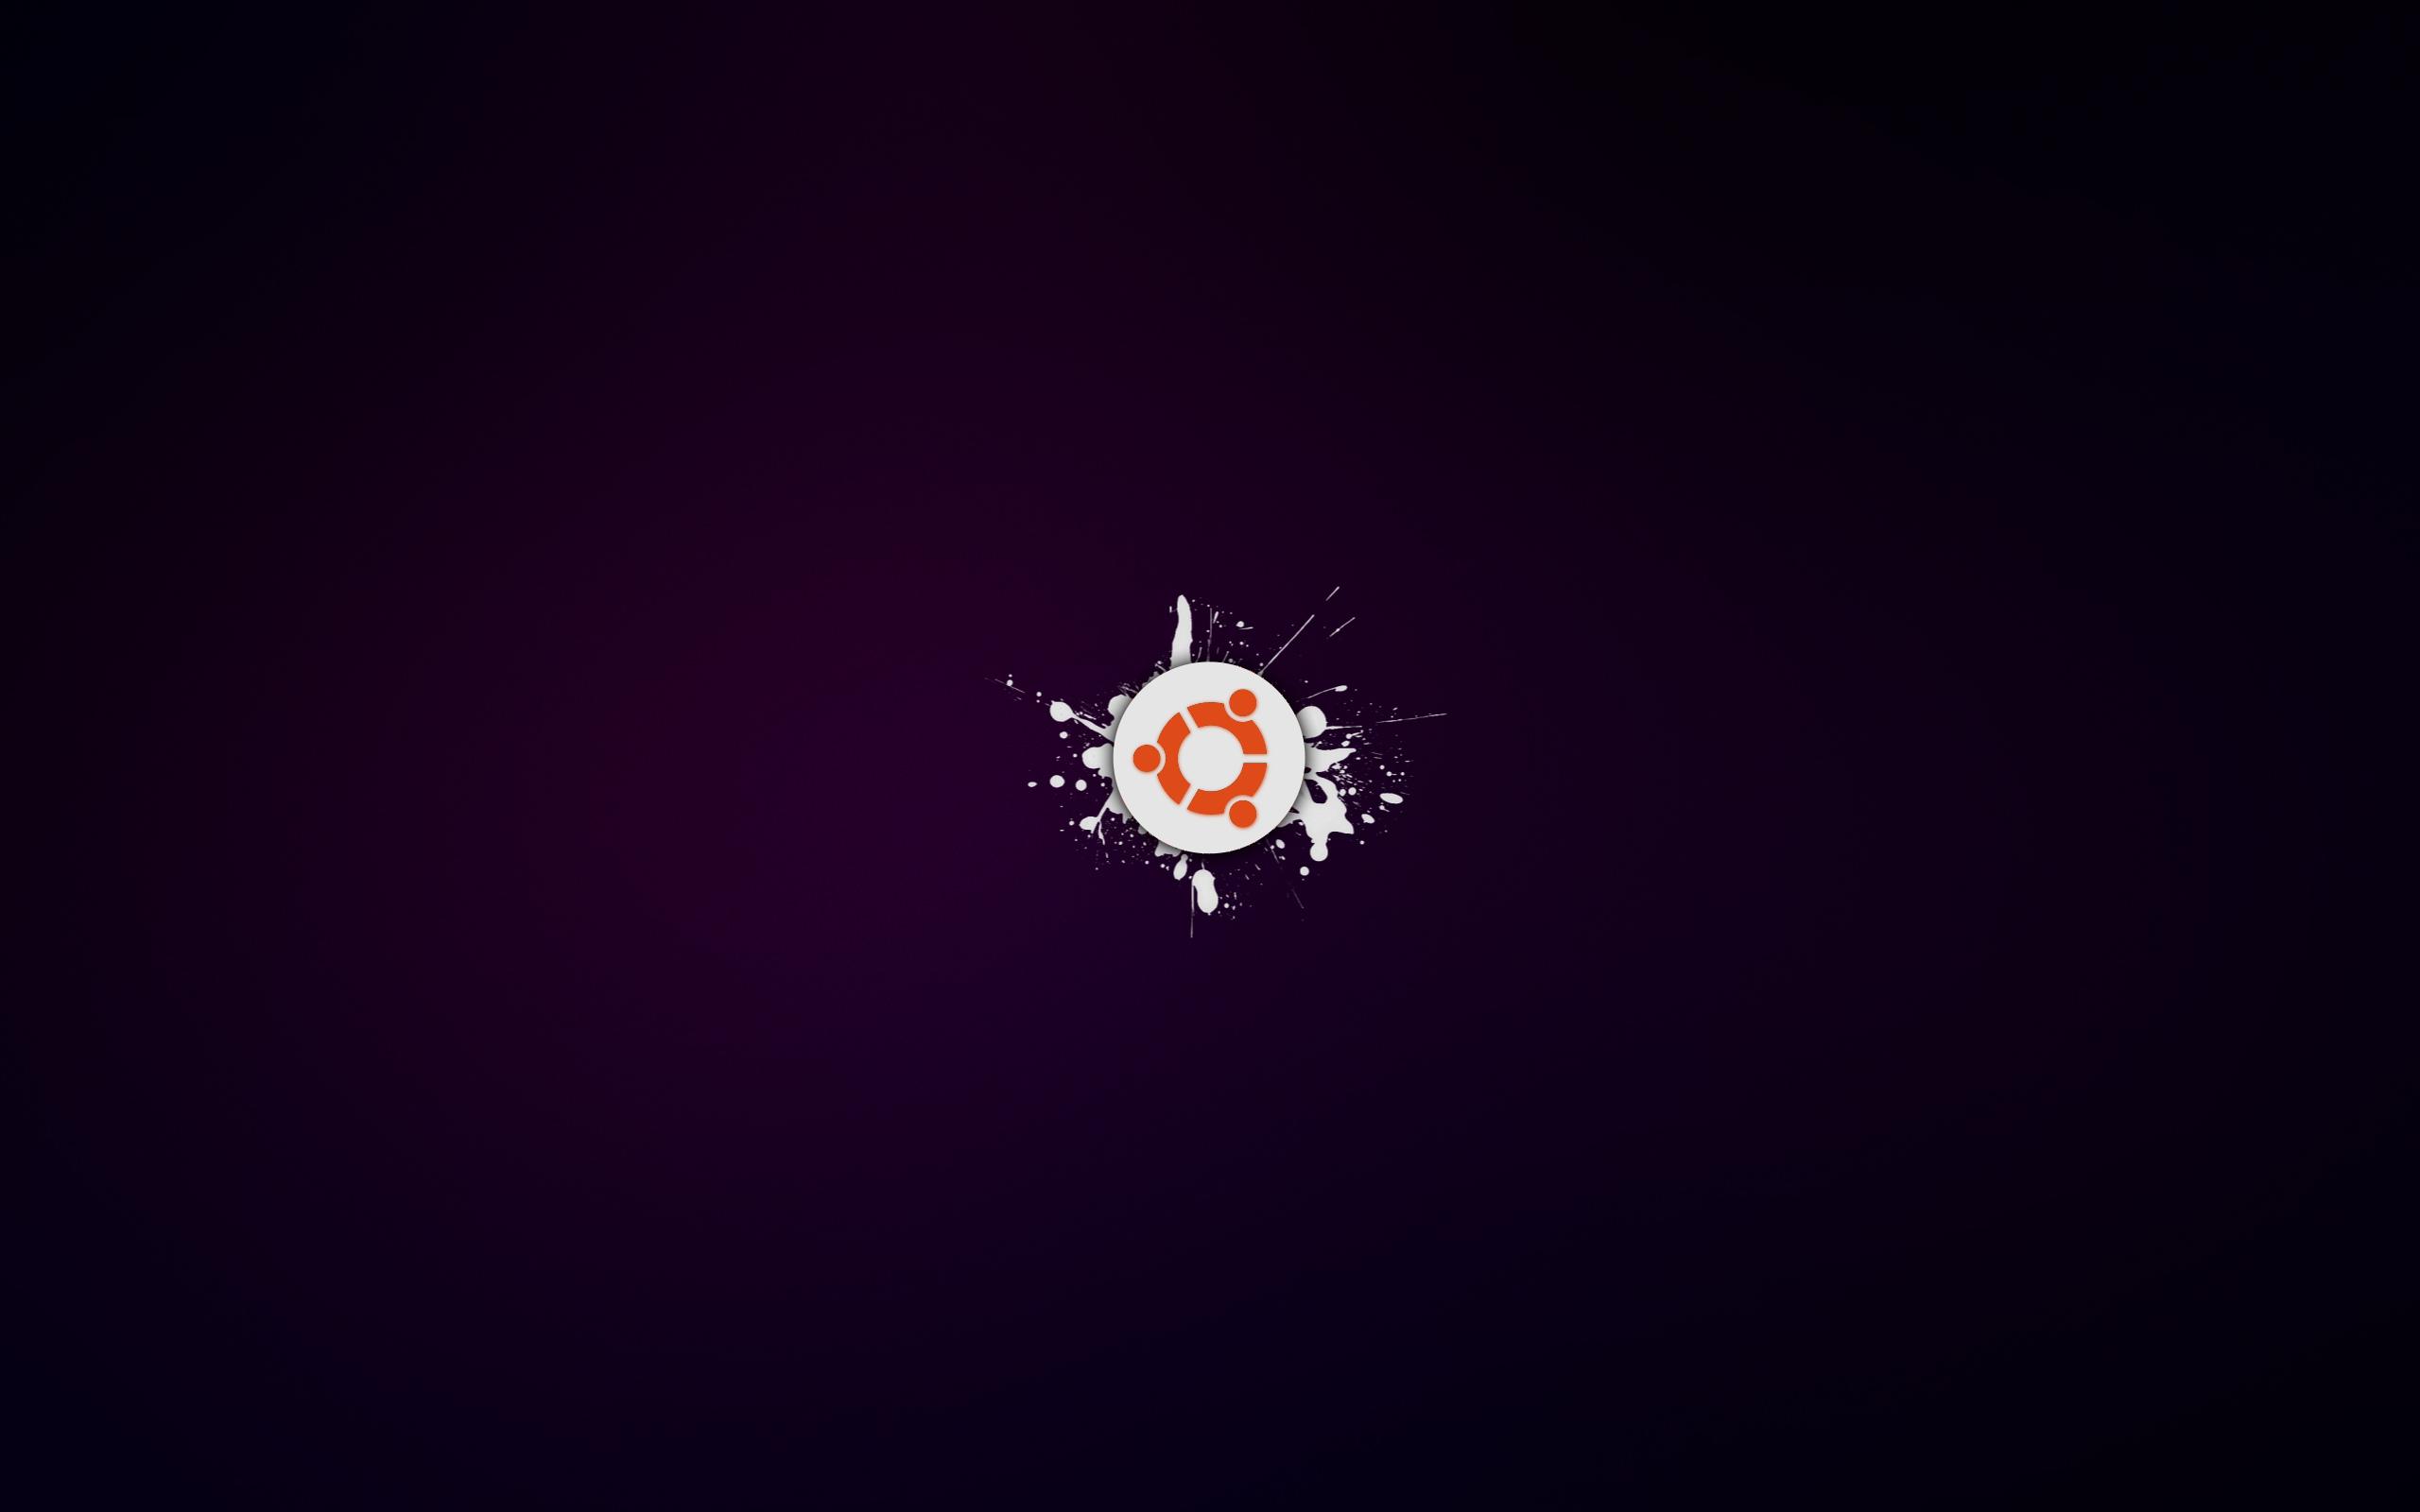 Choice wallpaper for ubuntu tux planet for Photo ecran ubuntu